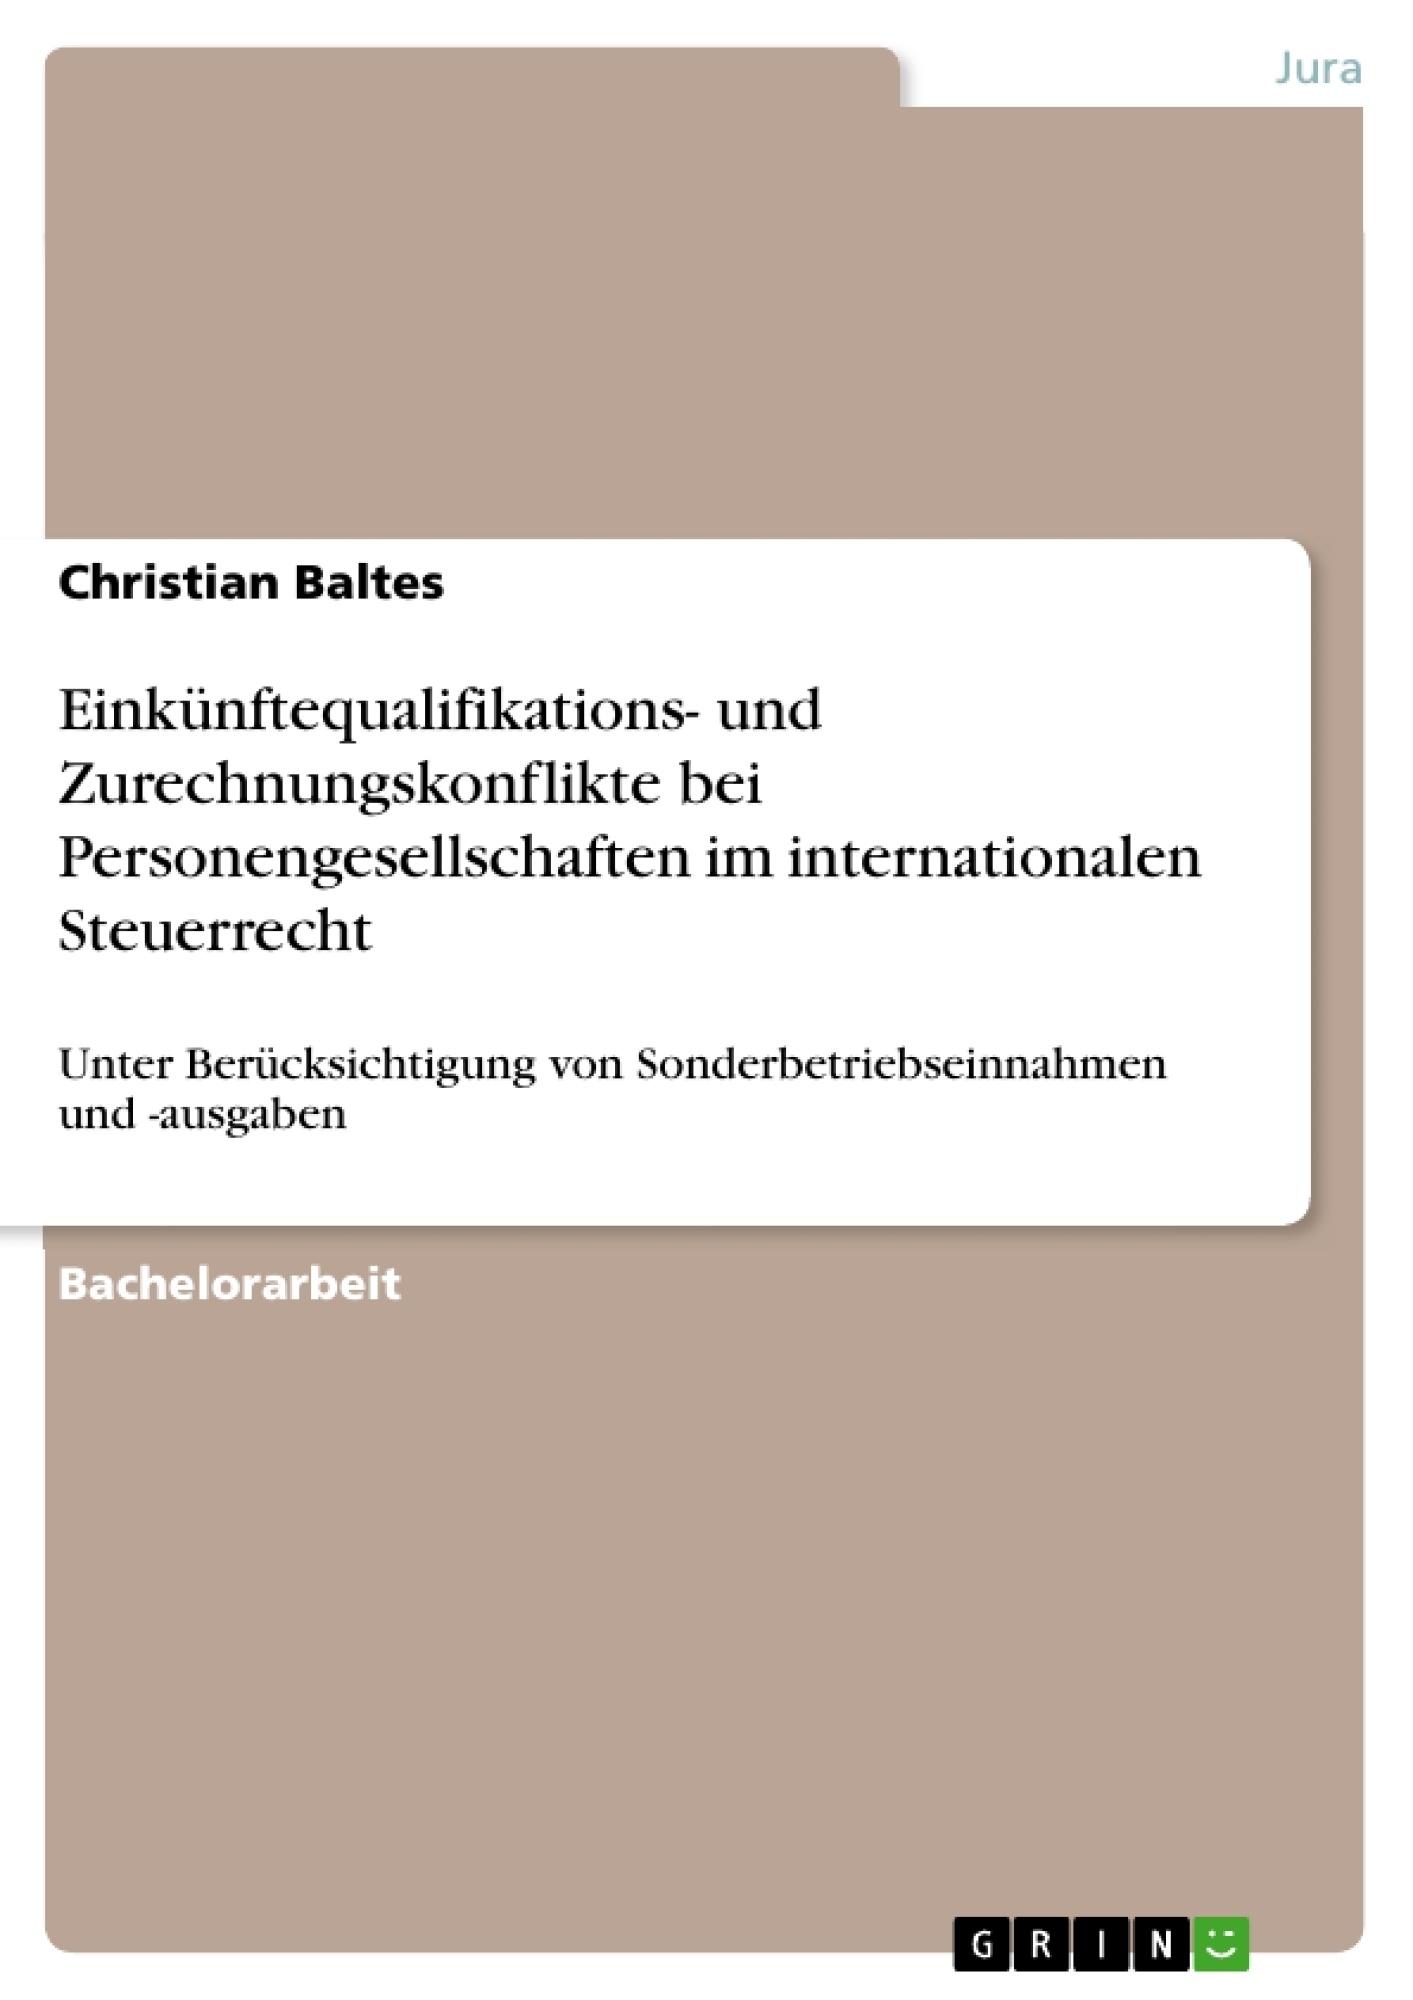 Titel: Einkünftequalifikations- und Zurechnungskonflikte bei Personengesellschaften im internationalen Steuerrecht